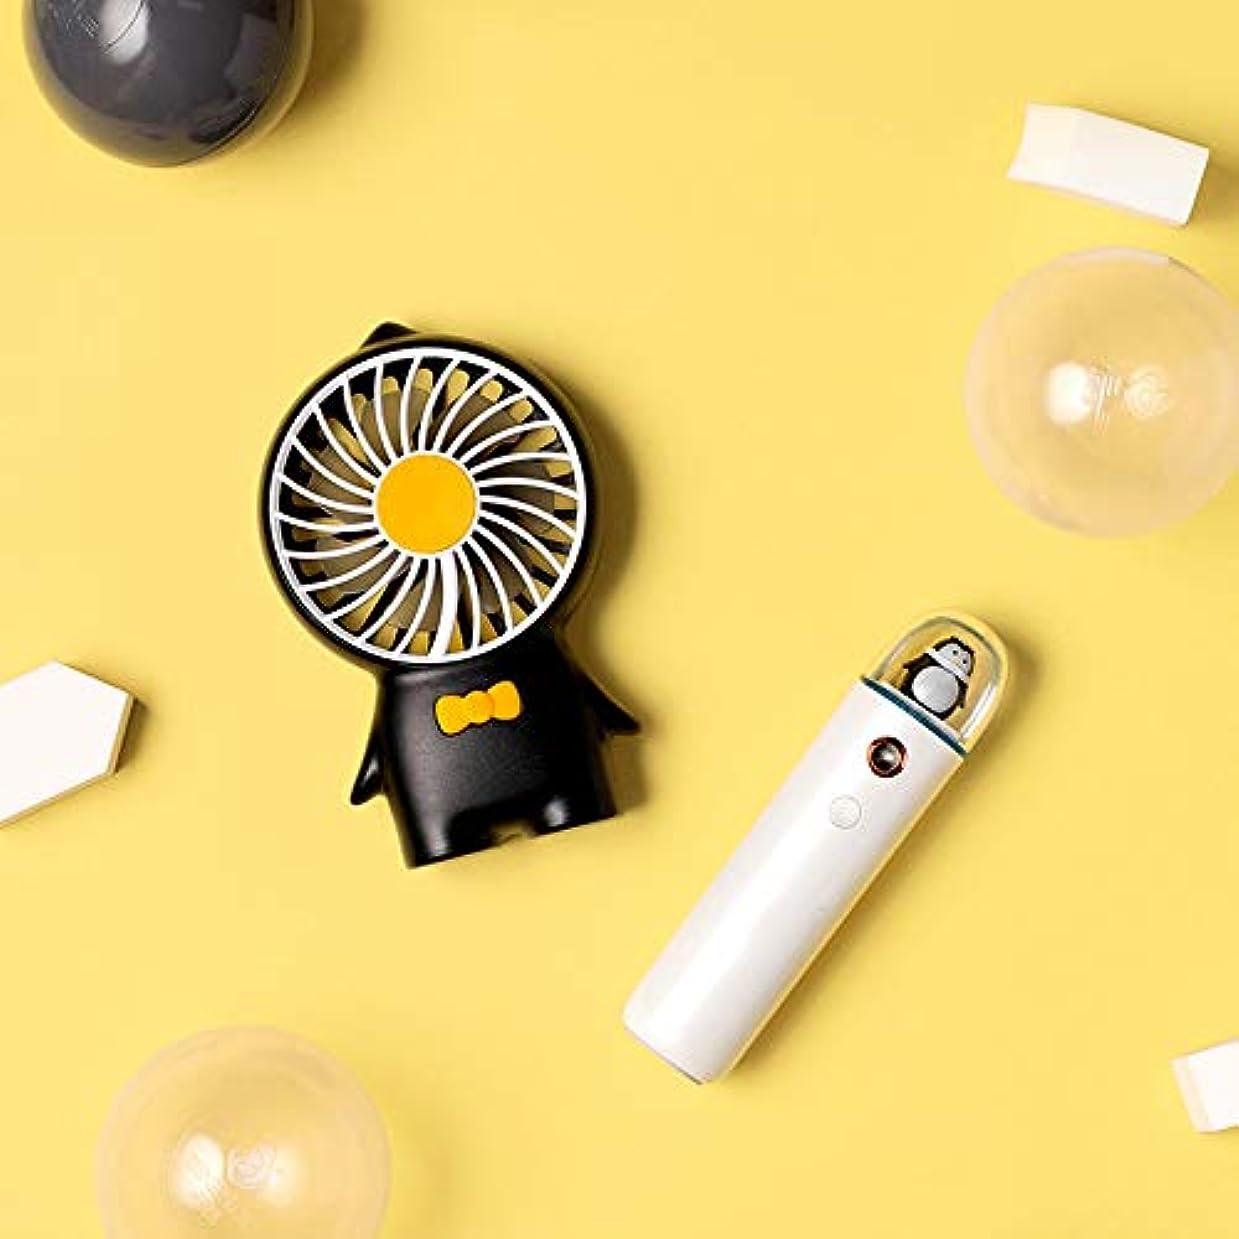 ZXF コールドスプレー水道メーターusb充電ナノスプレー小さなファン水道メーター美容機器黒モデルホワイトガールギフト用ガールフレンドセット 滑らかである (色 : Black)